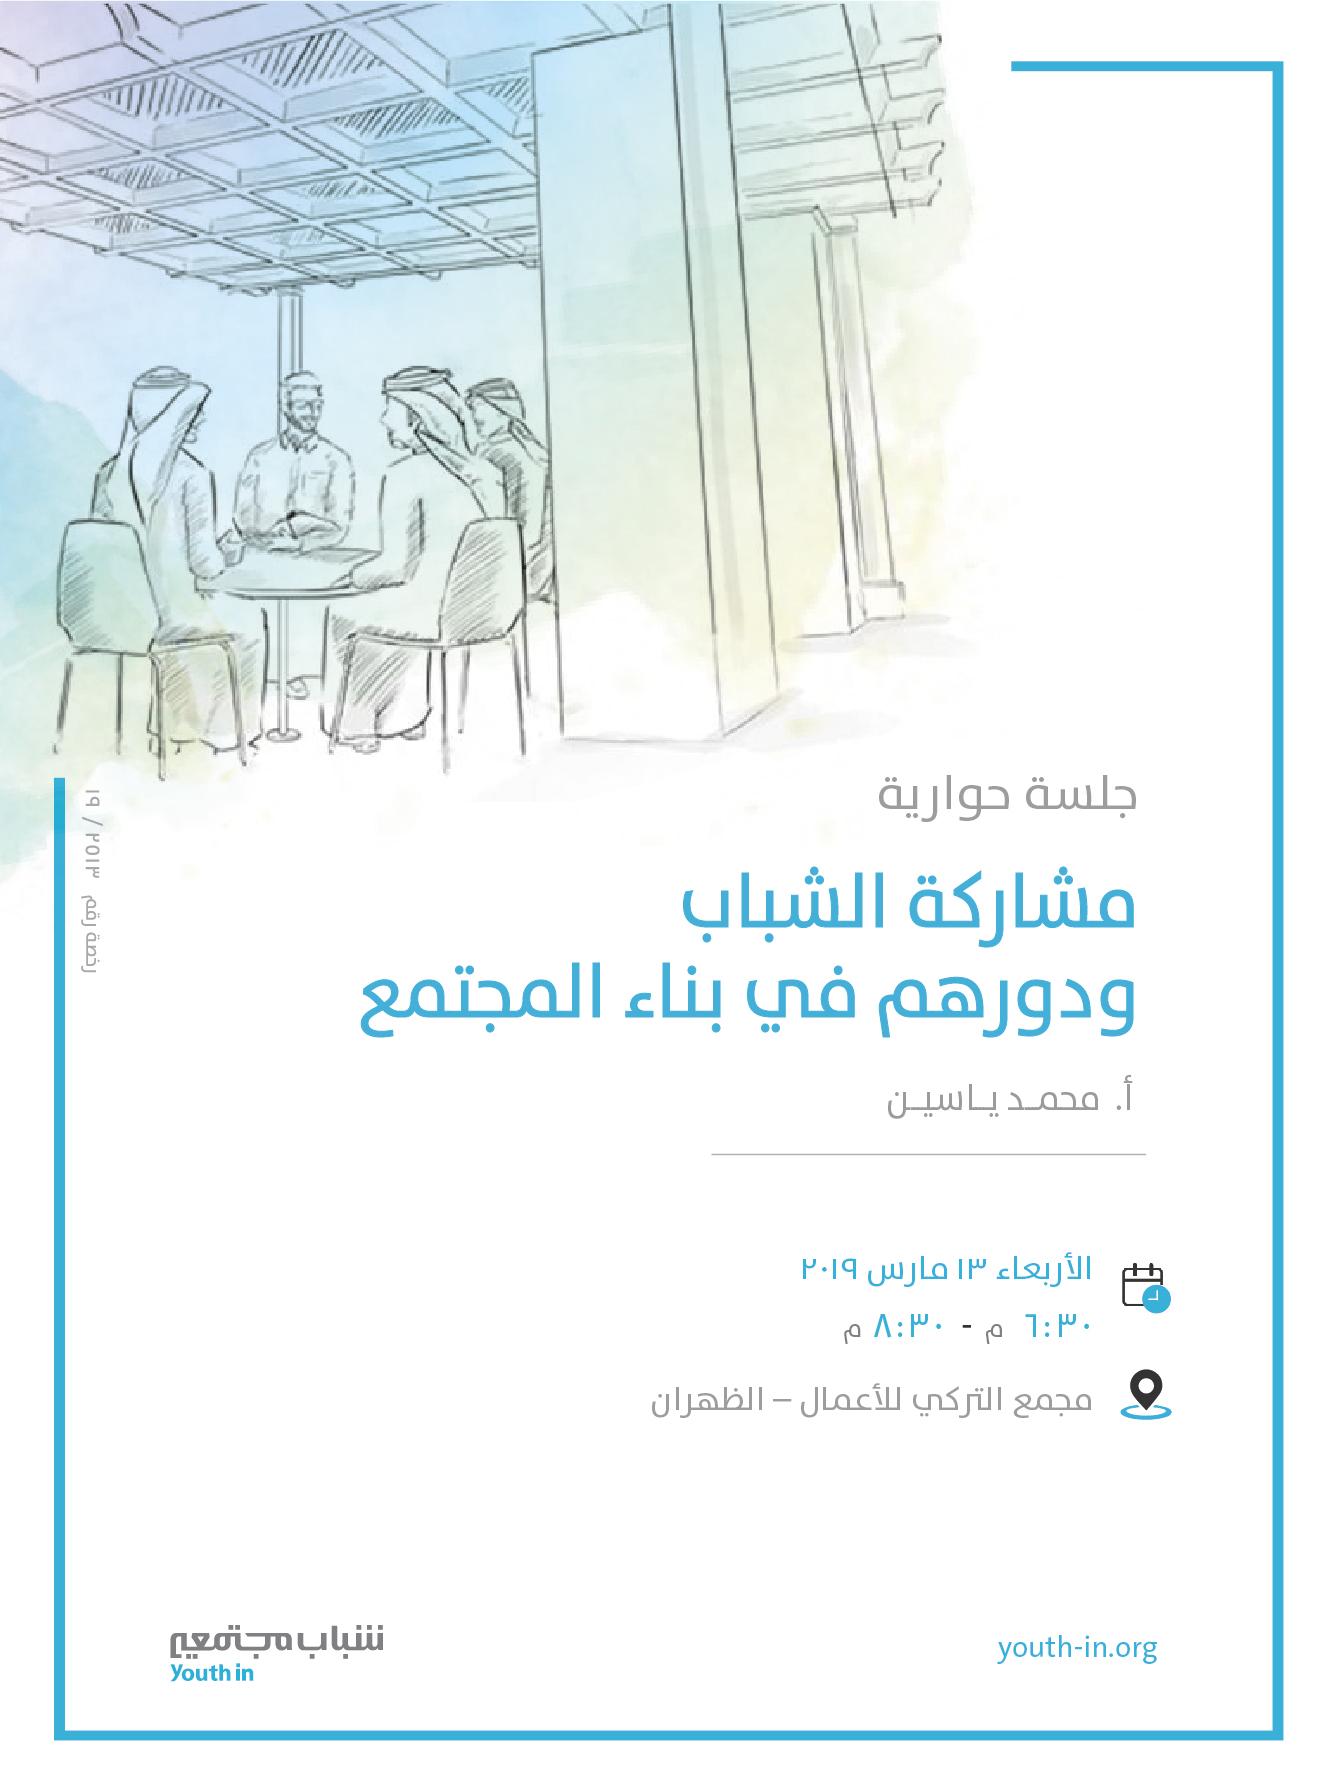 مشاركة الشباب ودورهم في بناء المجتمع